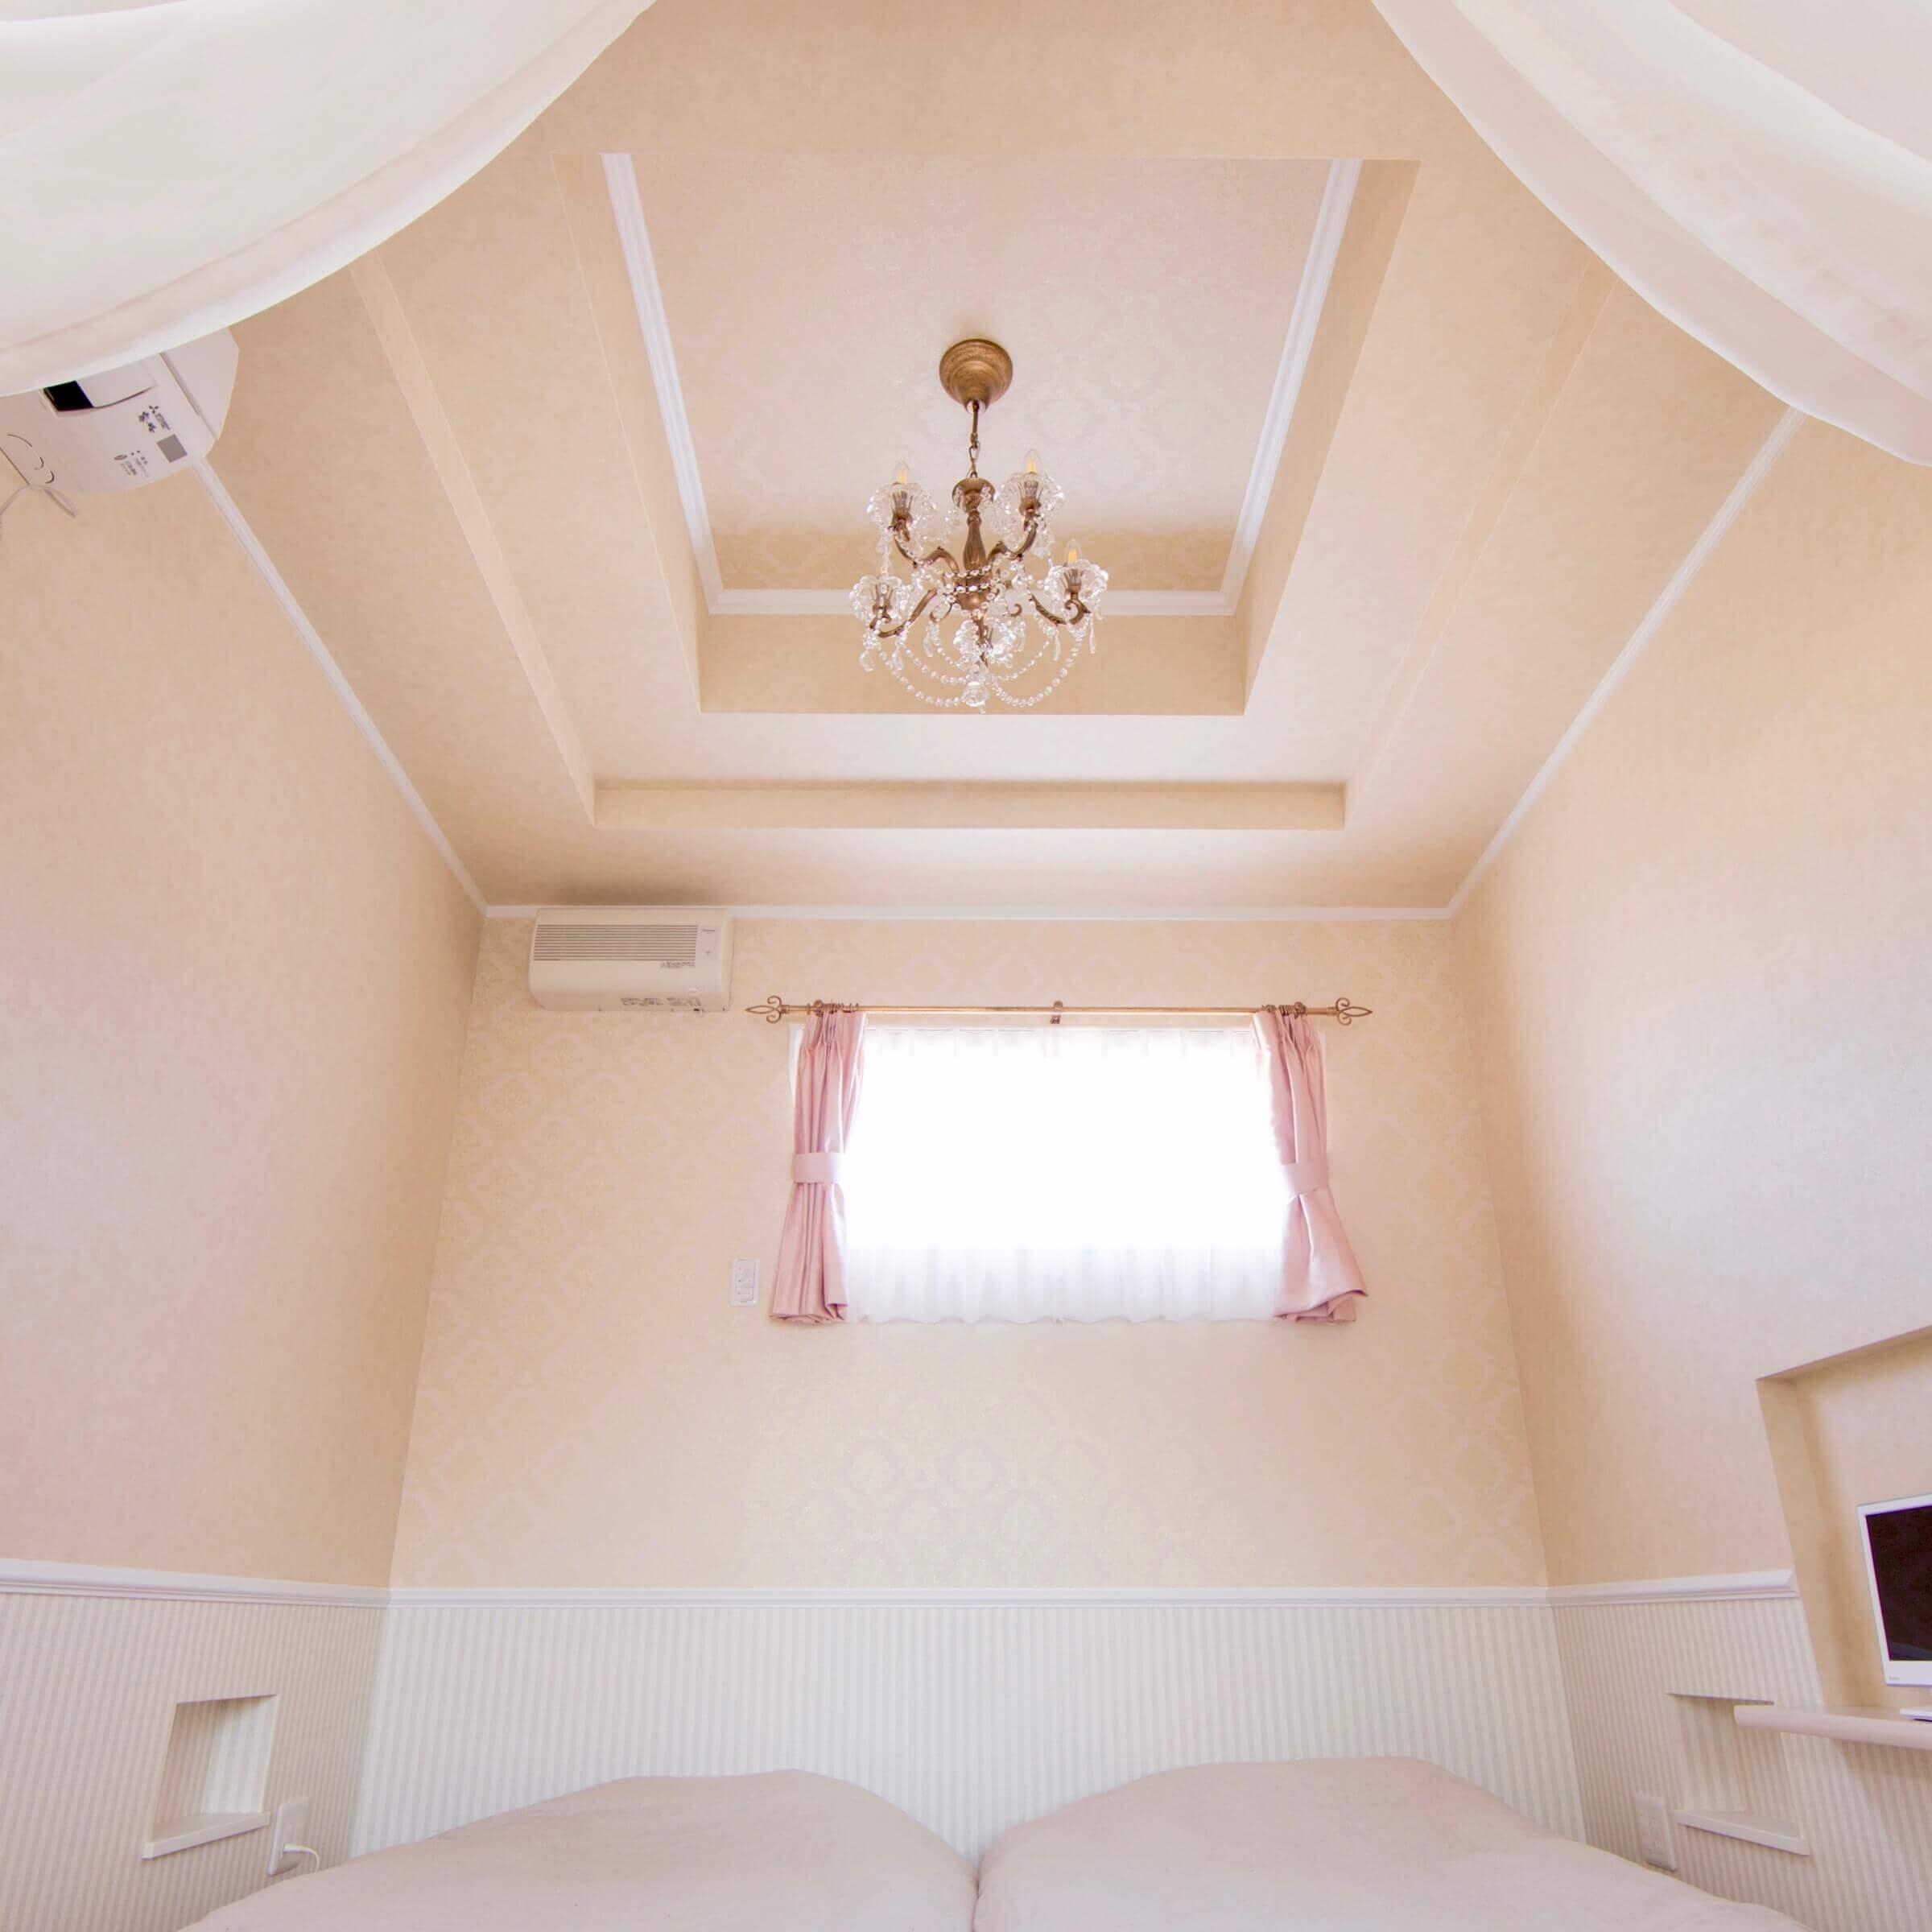 鹿沼市の注文住宅事例 寝室の天井